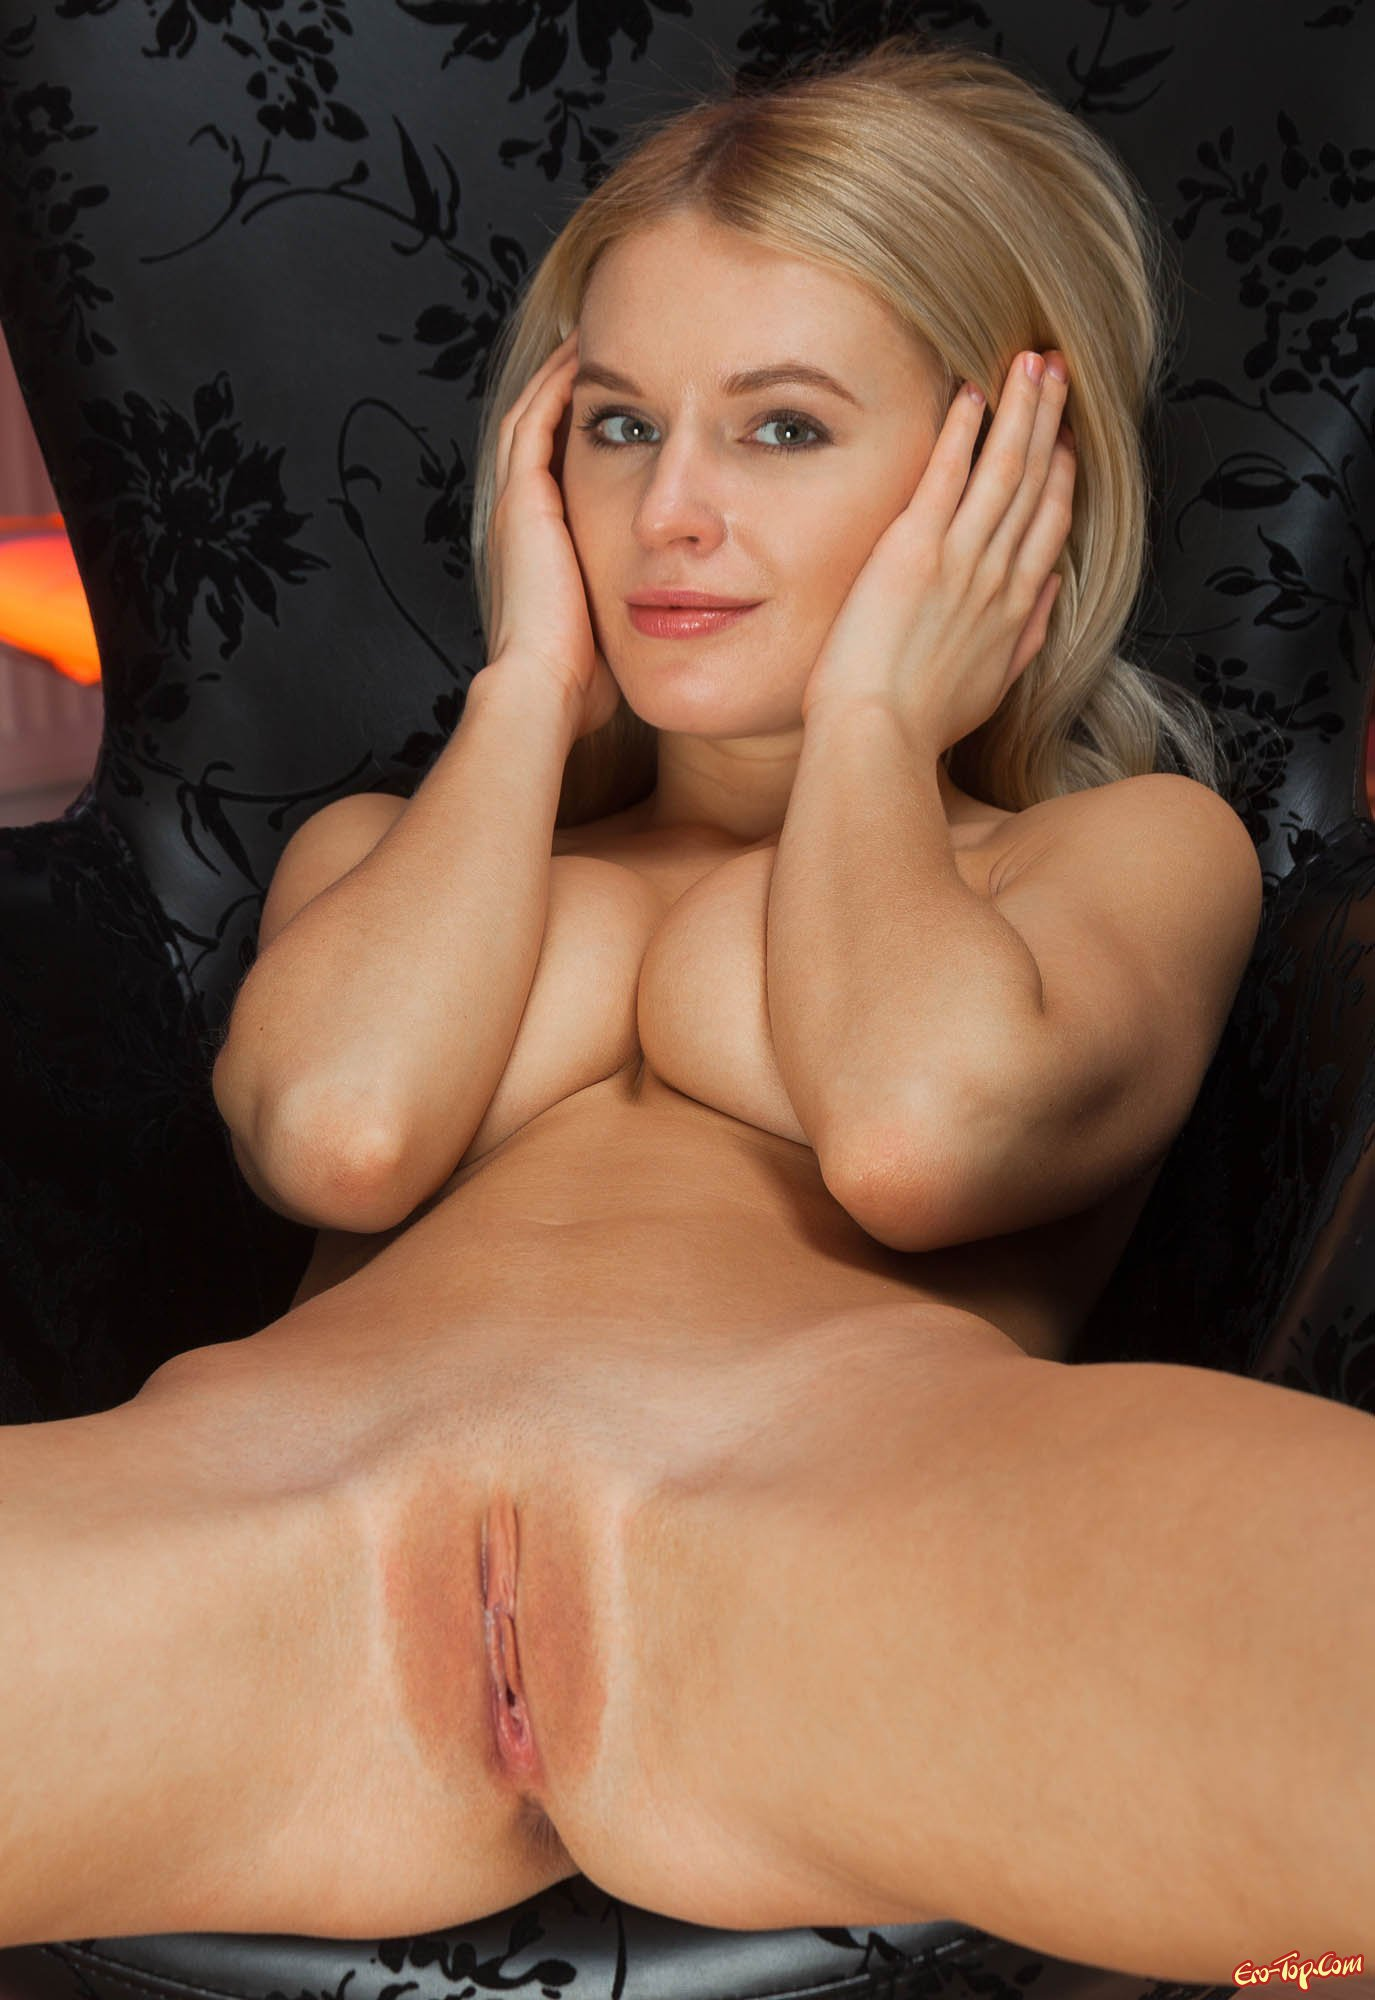 Блондинка раздвинула ножки и показала писю